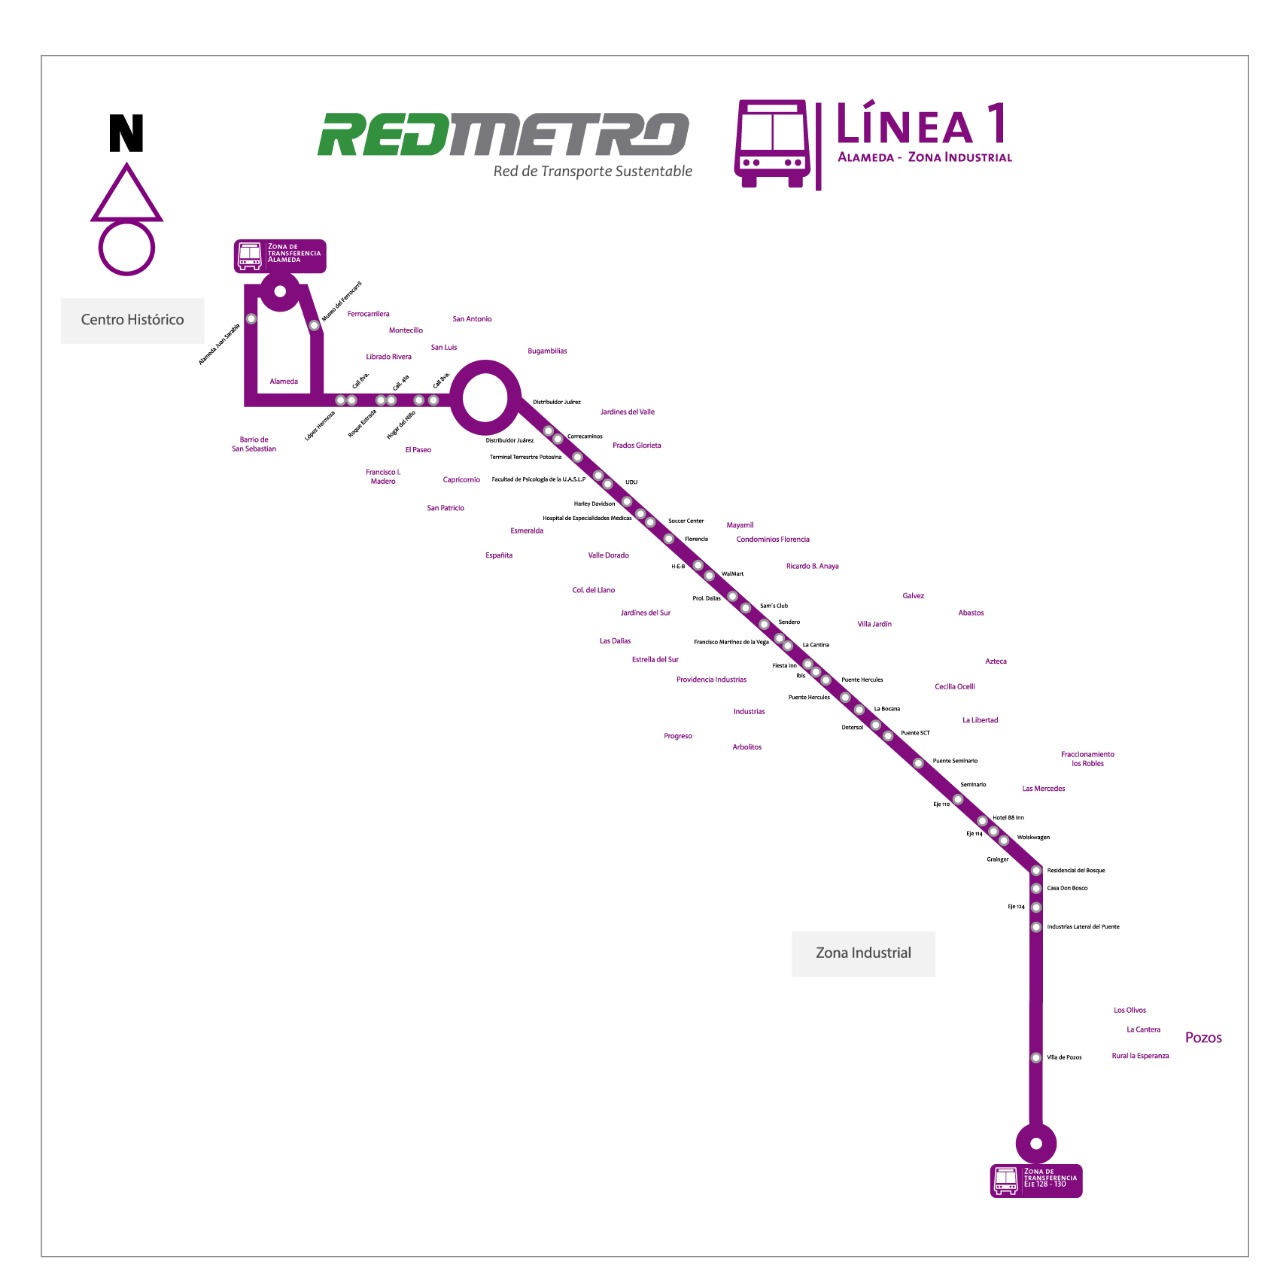 Red Metro 110619 (2)